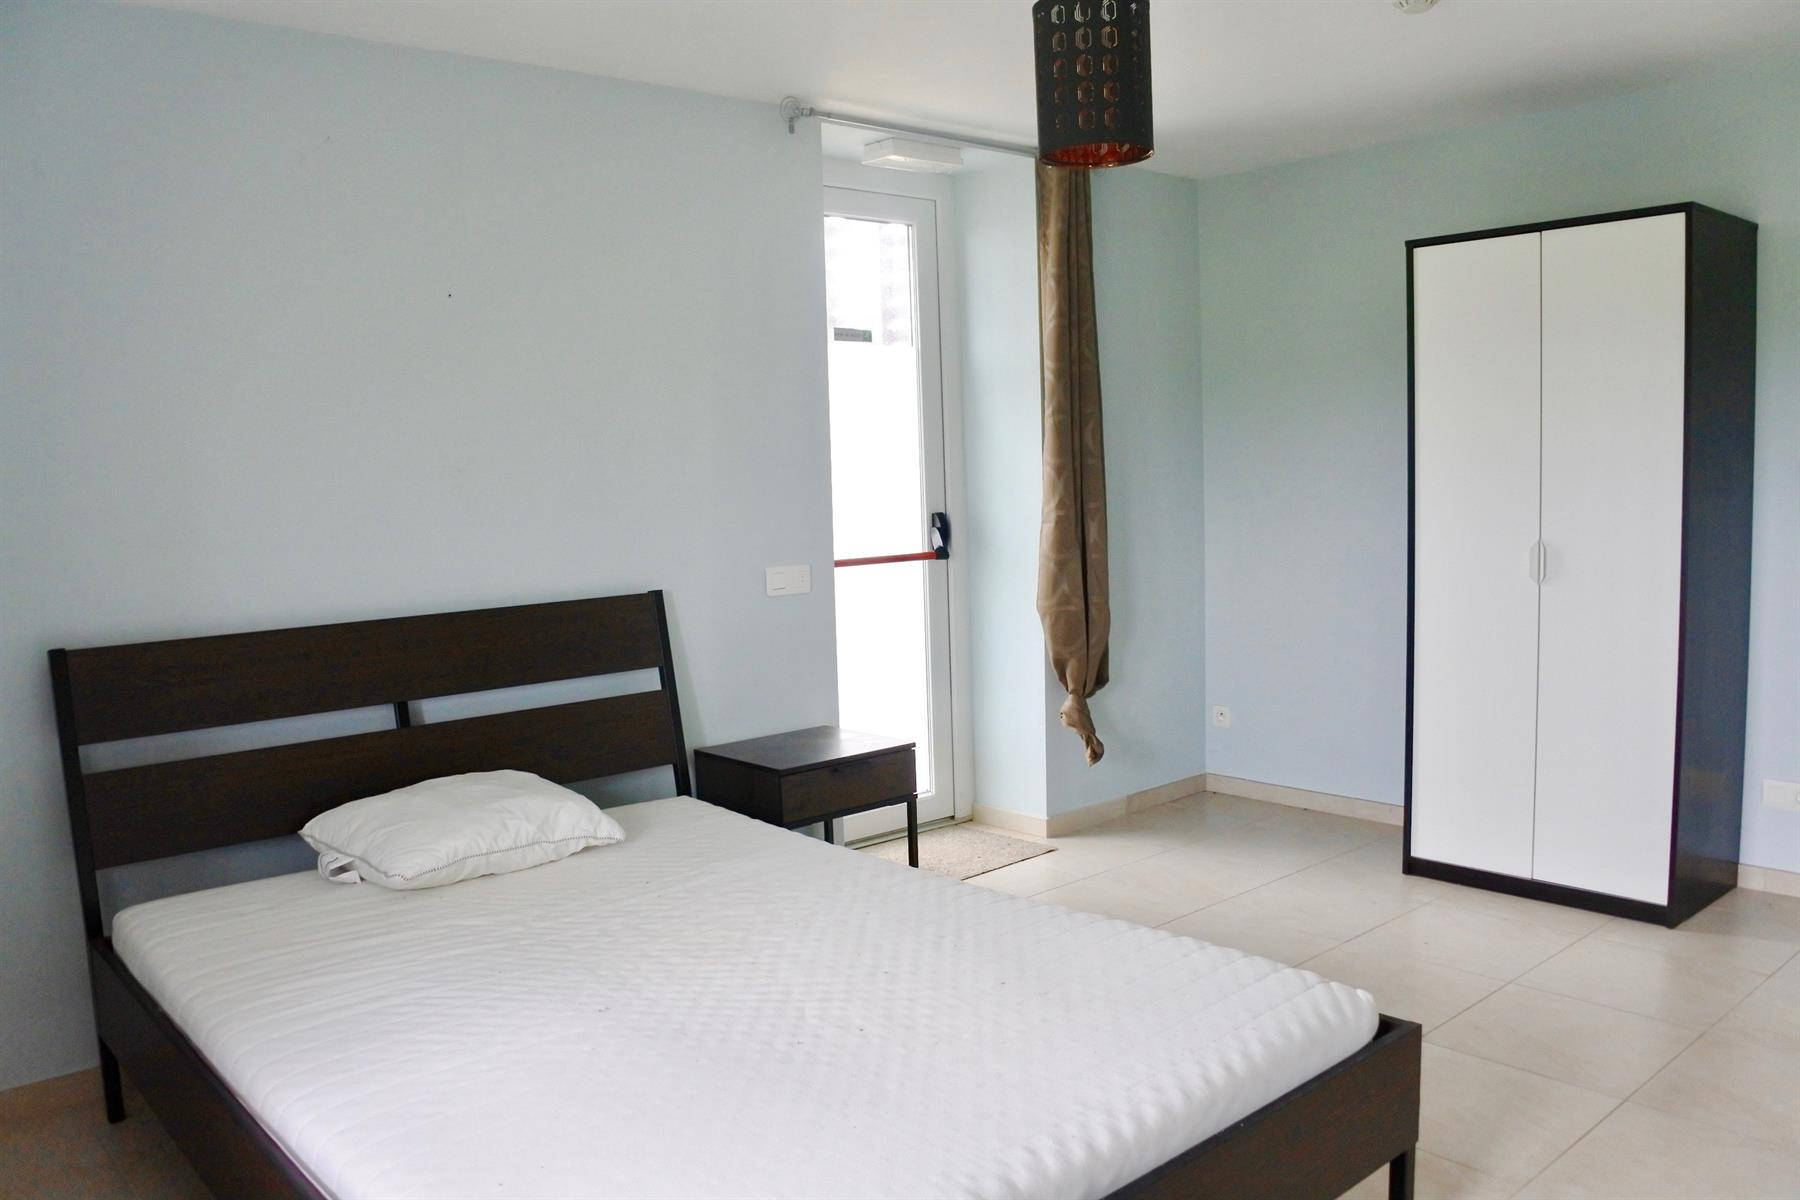 Appartement - Wellin Sohier - #3885257-9